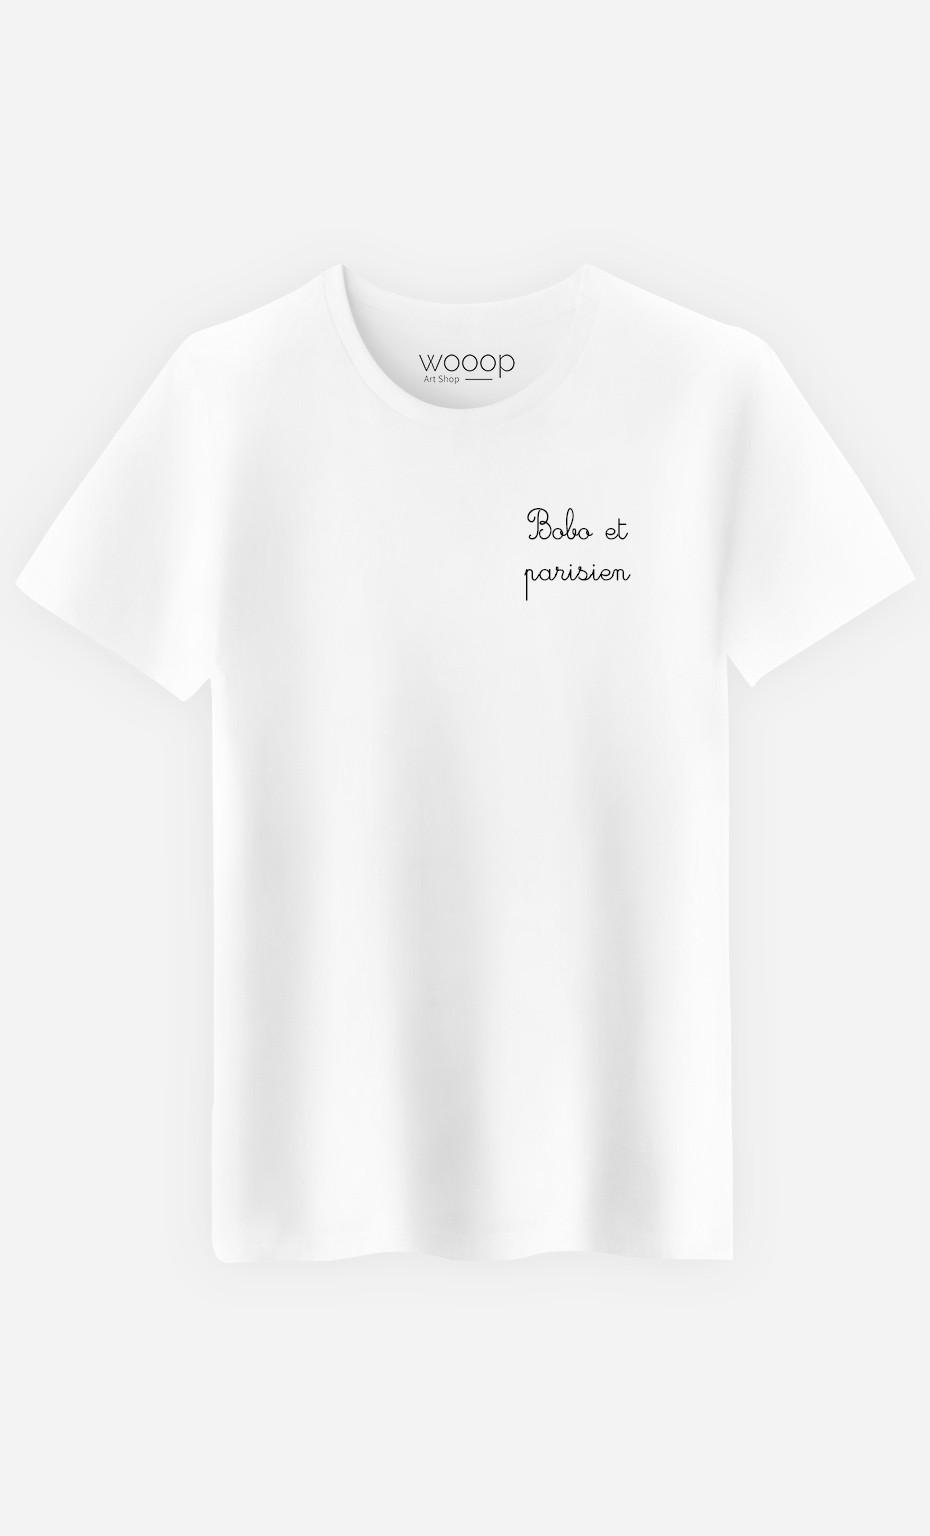 T-Shirt Homme Bobo et Parisien - Brodé